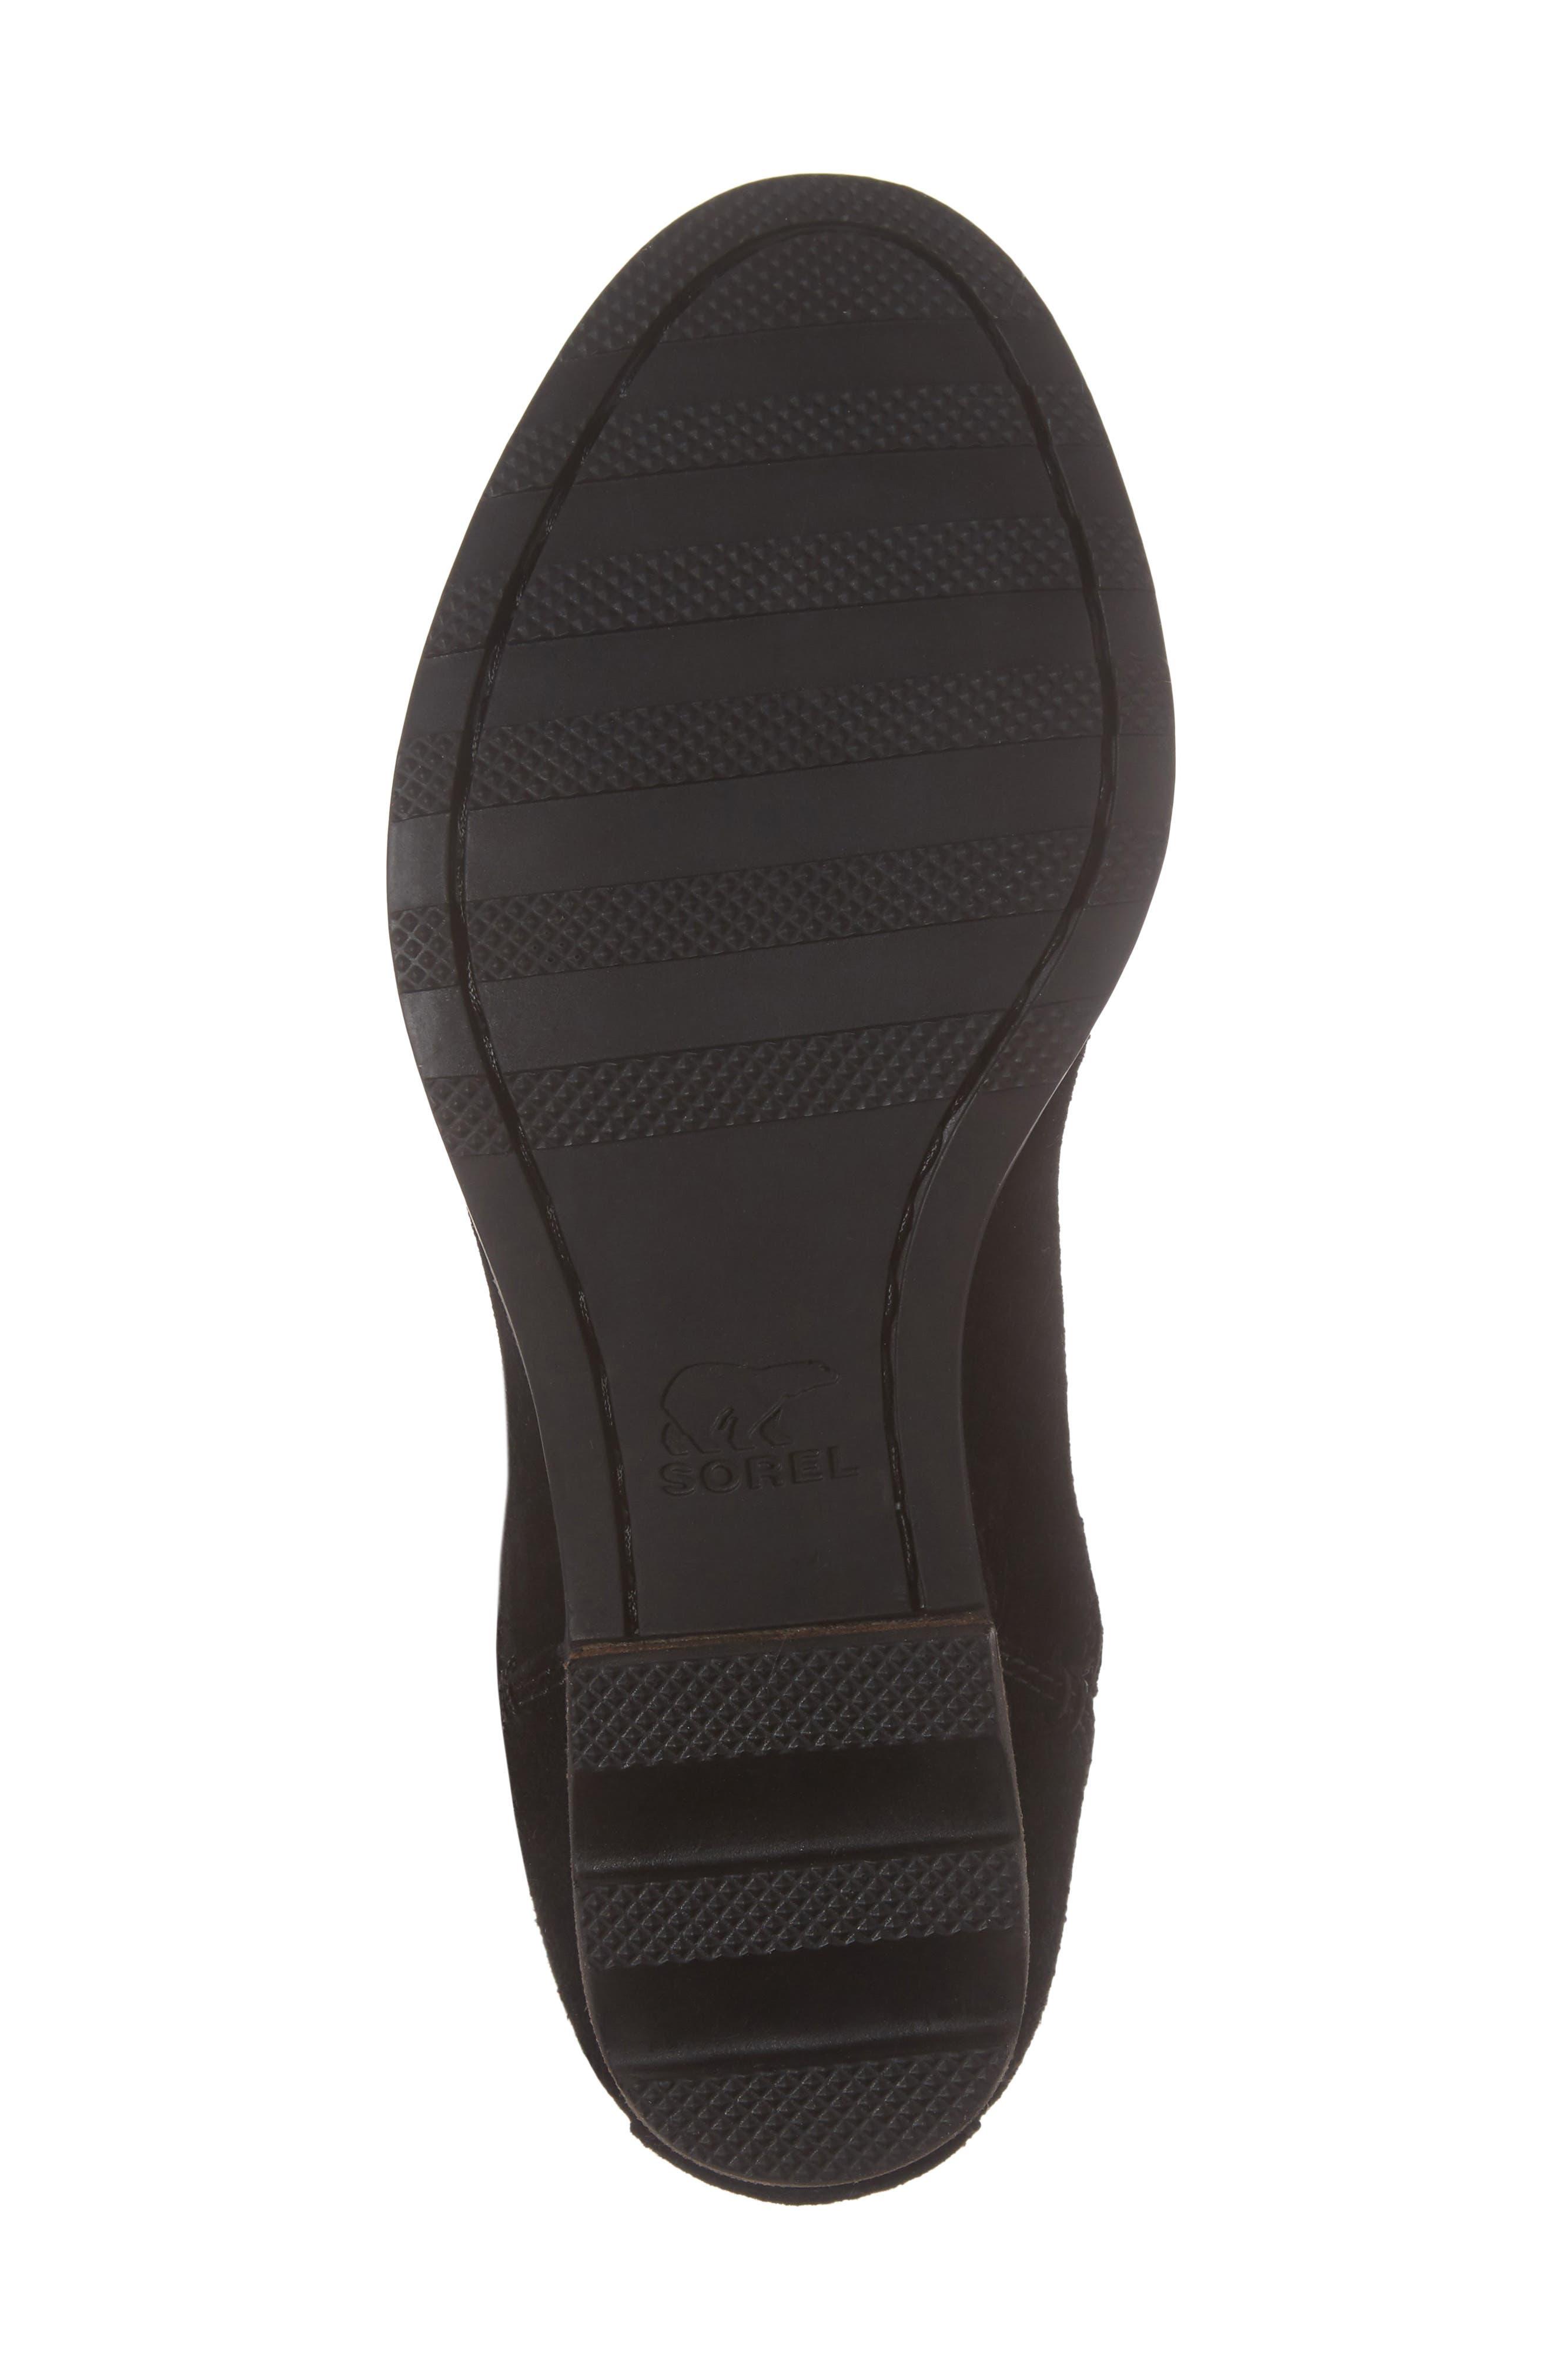 Farah Tall Waterproof Boot,                             Alternate thumbnail 6, color,                             010